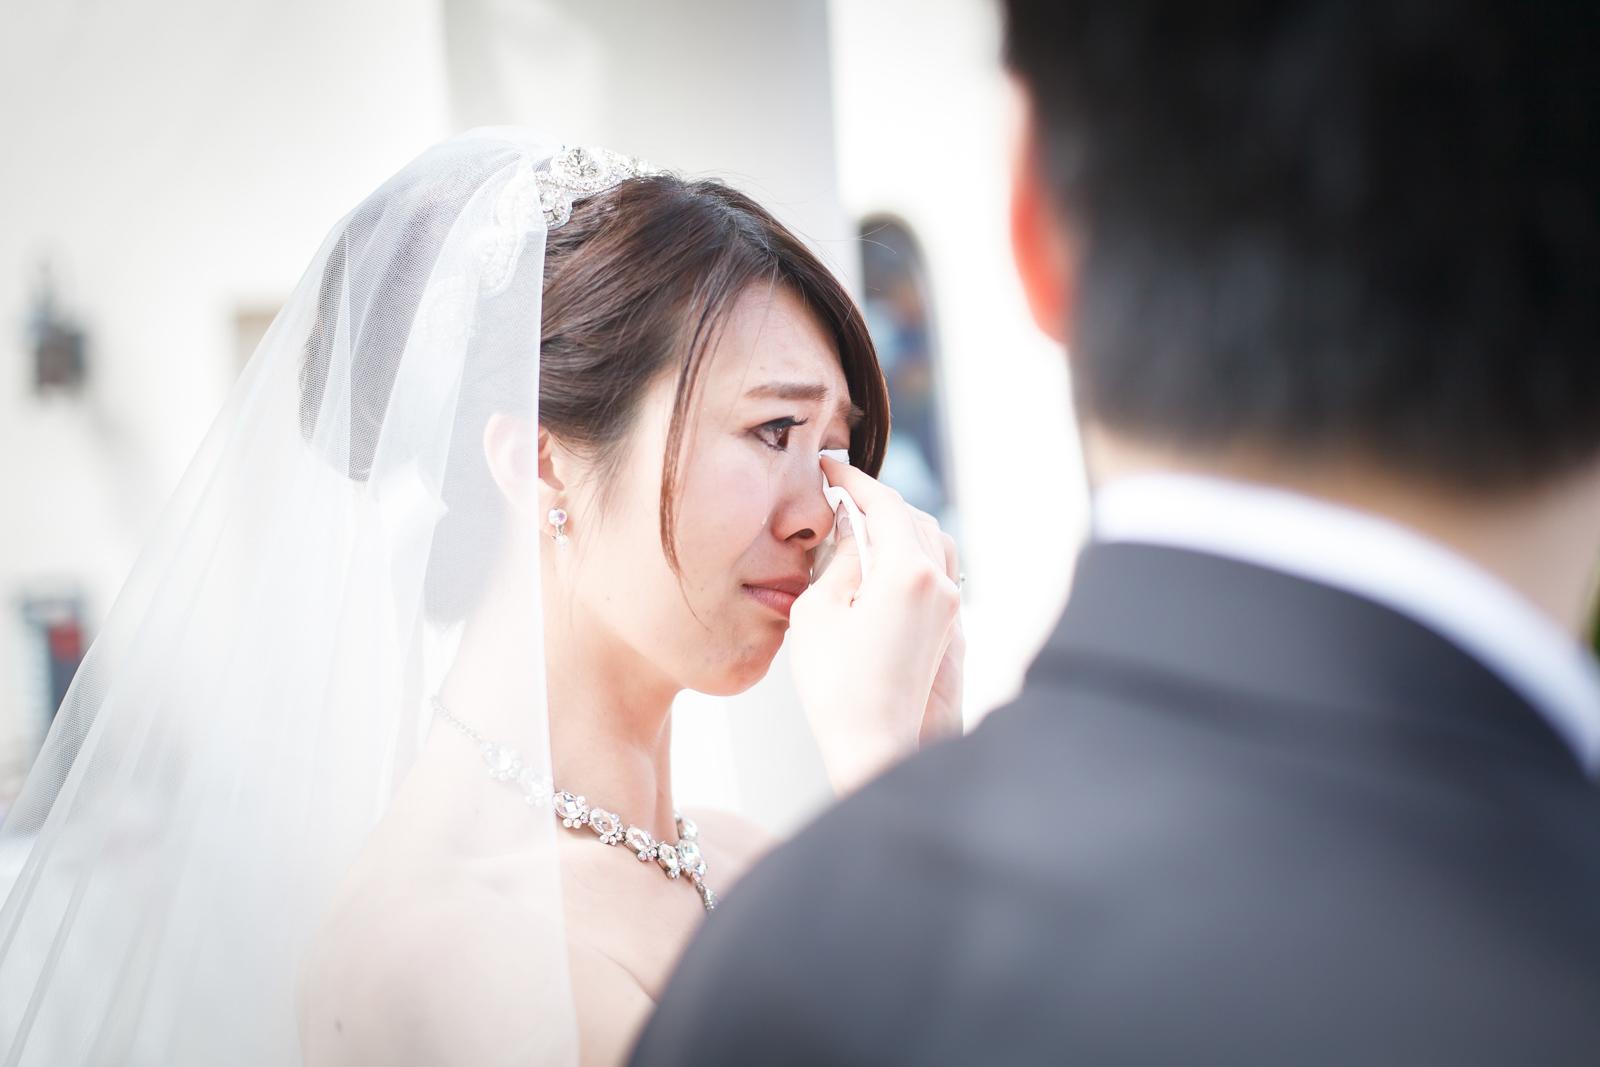 20150412 建維 筱琪 EK婚攝 理想大地 0036